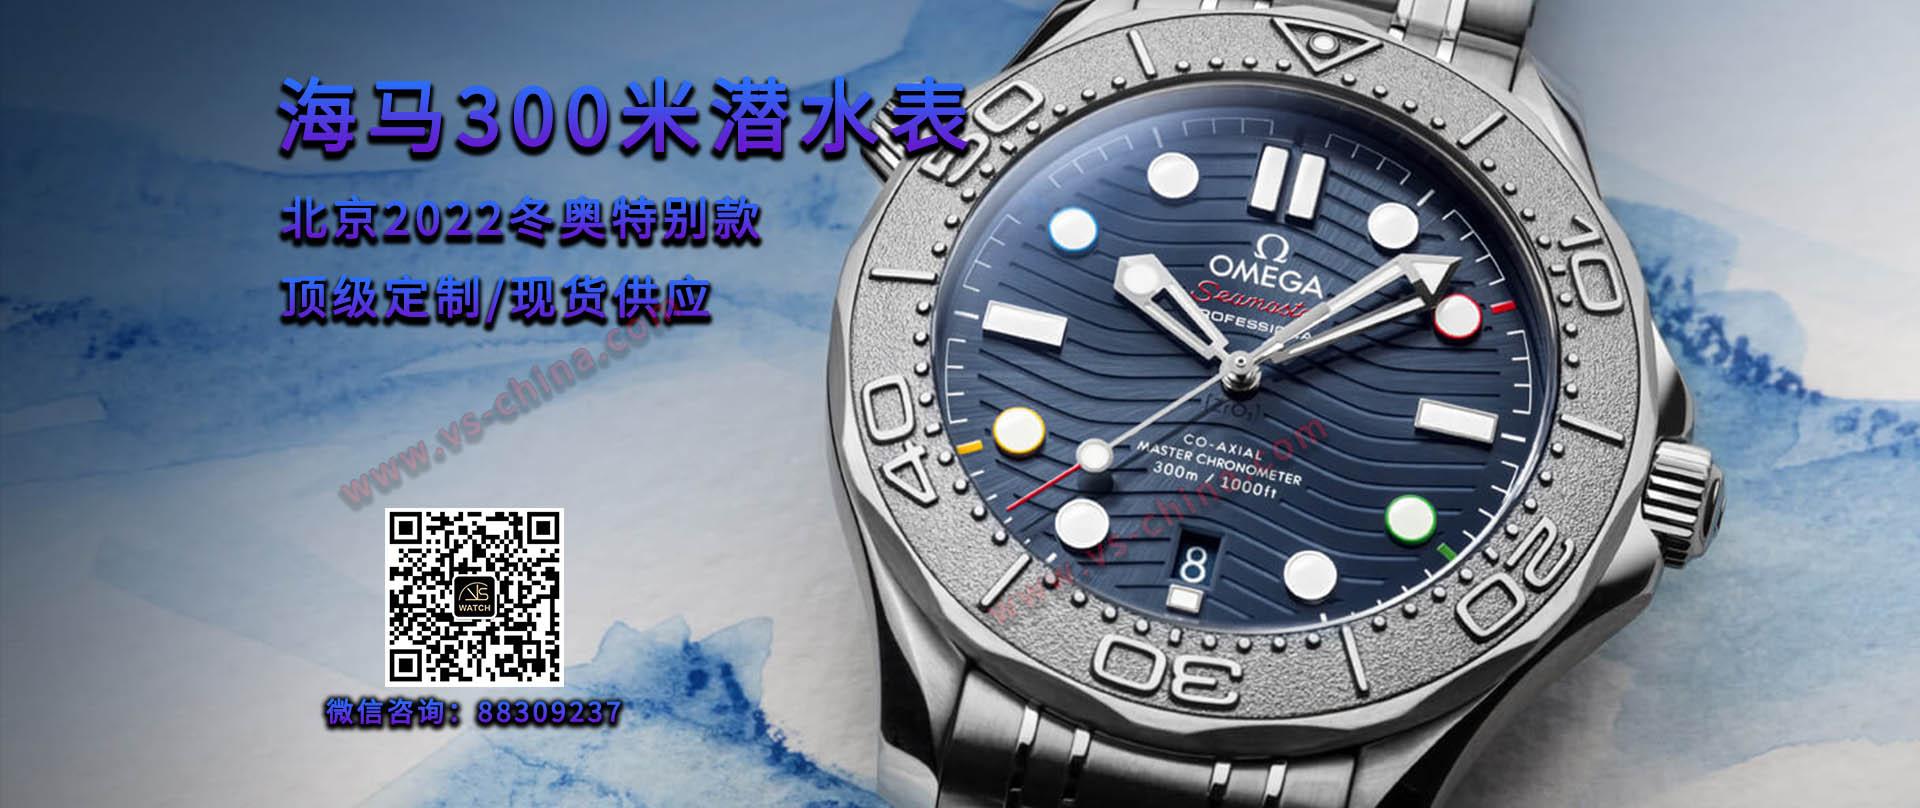 VS厂OR厂海马300冬奥2022年北京特别纪念款